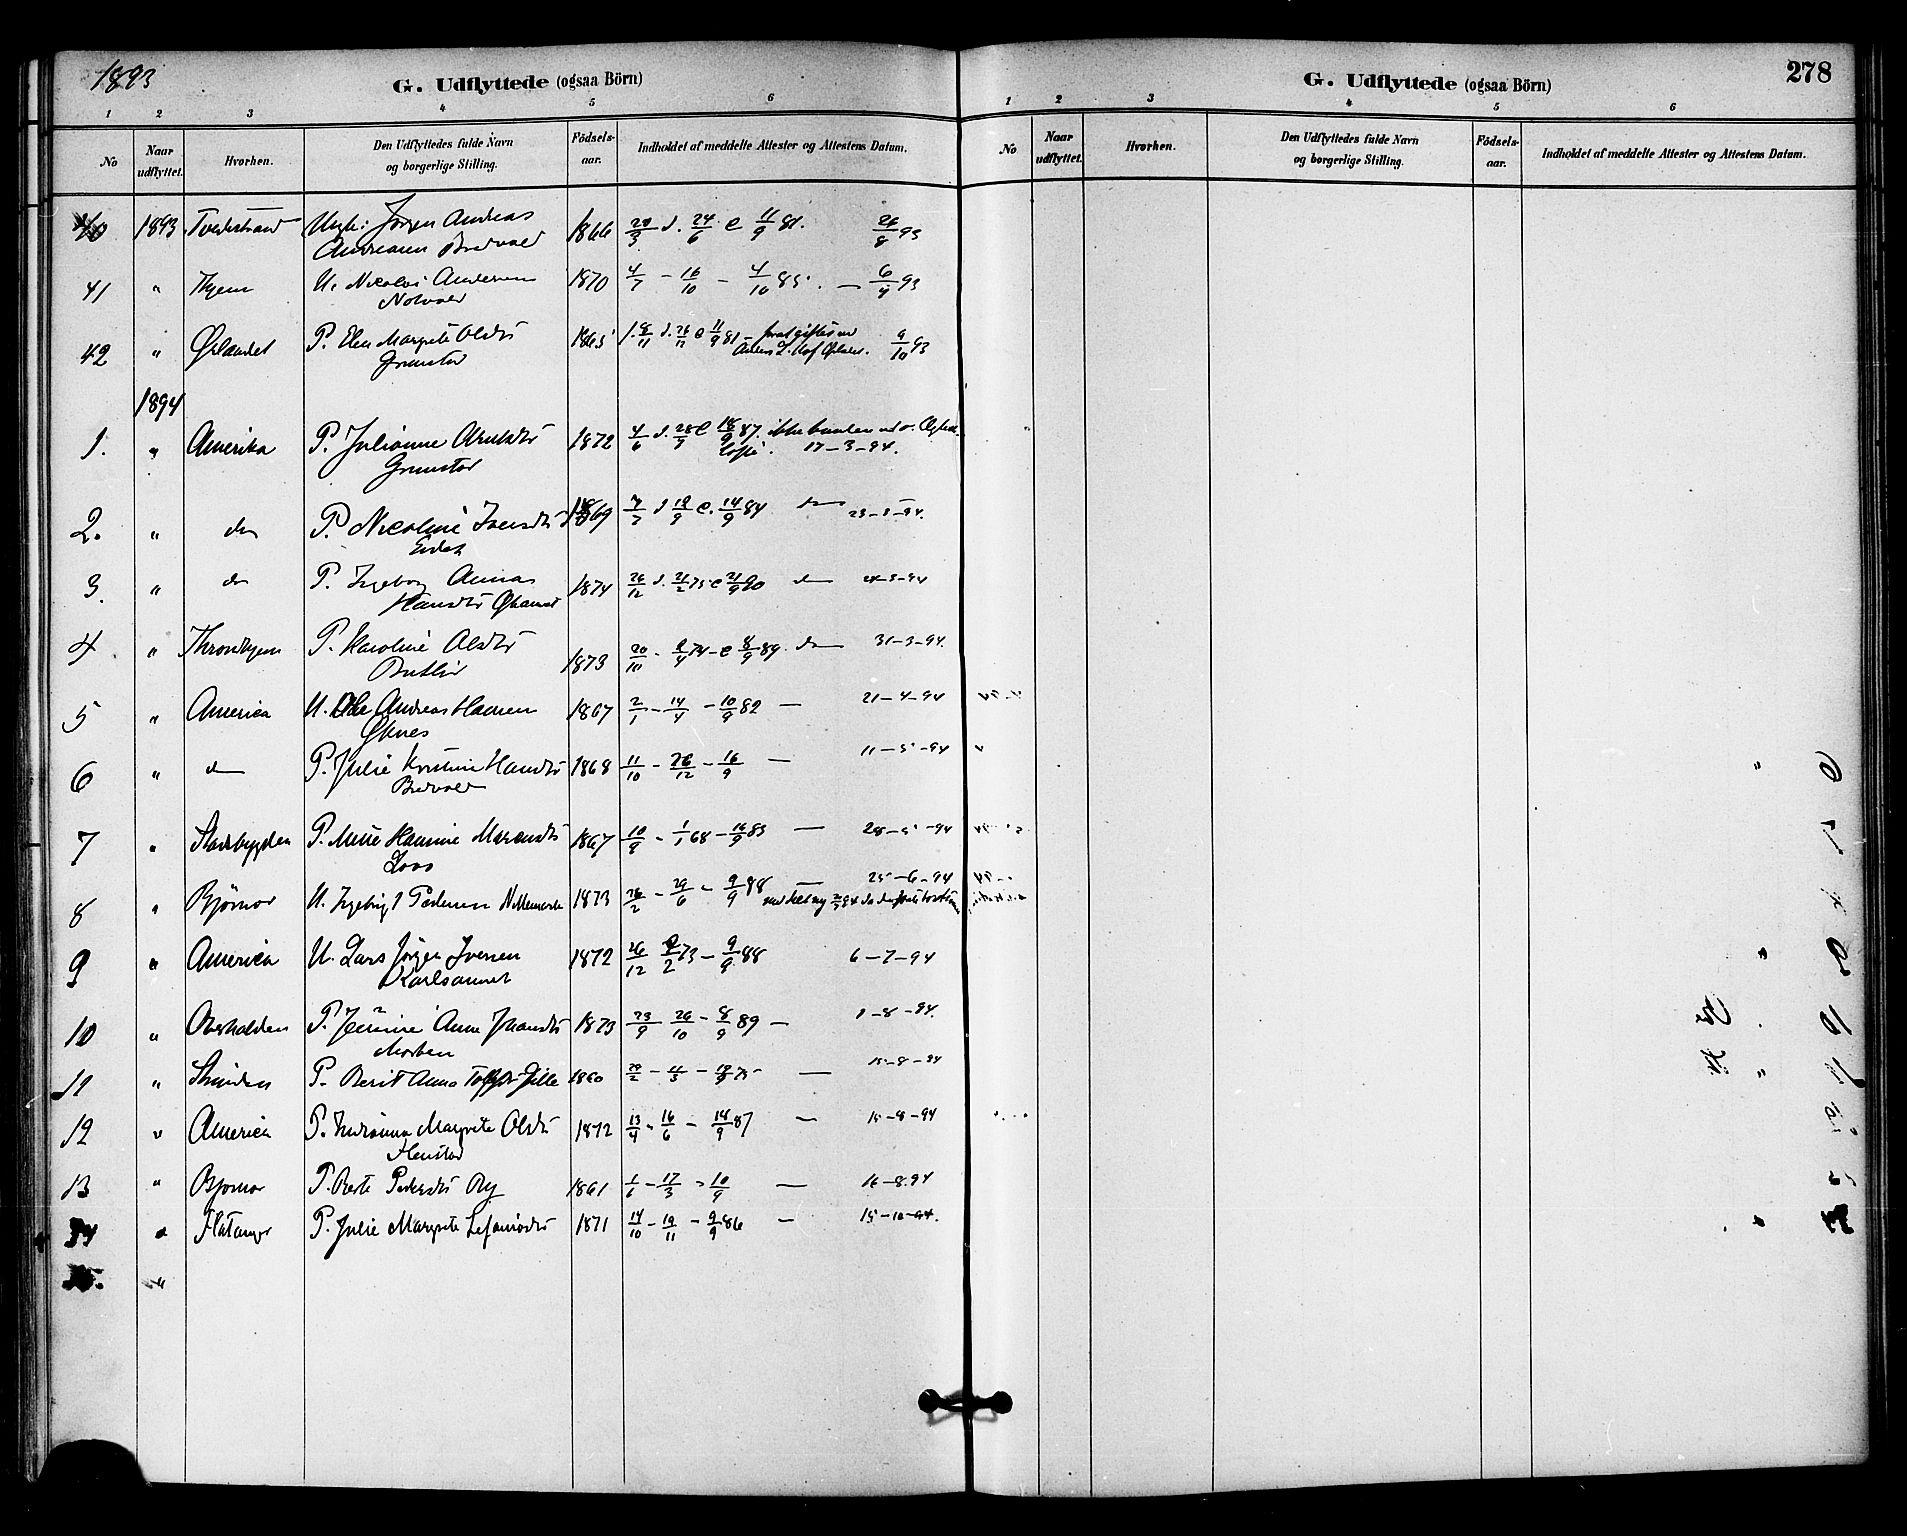 SAT, Ministerialprotokoller, klokkerbøker og fødselsregistre - Sør-Trøndelag, 655/L0680: Ministerialbok nr. 655A09, 1880-1894, s. 278